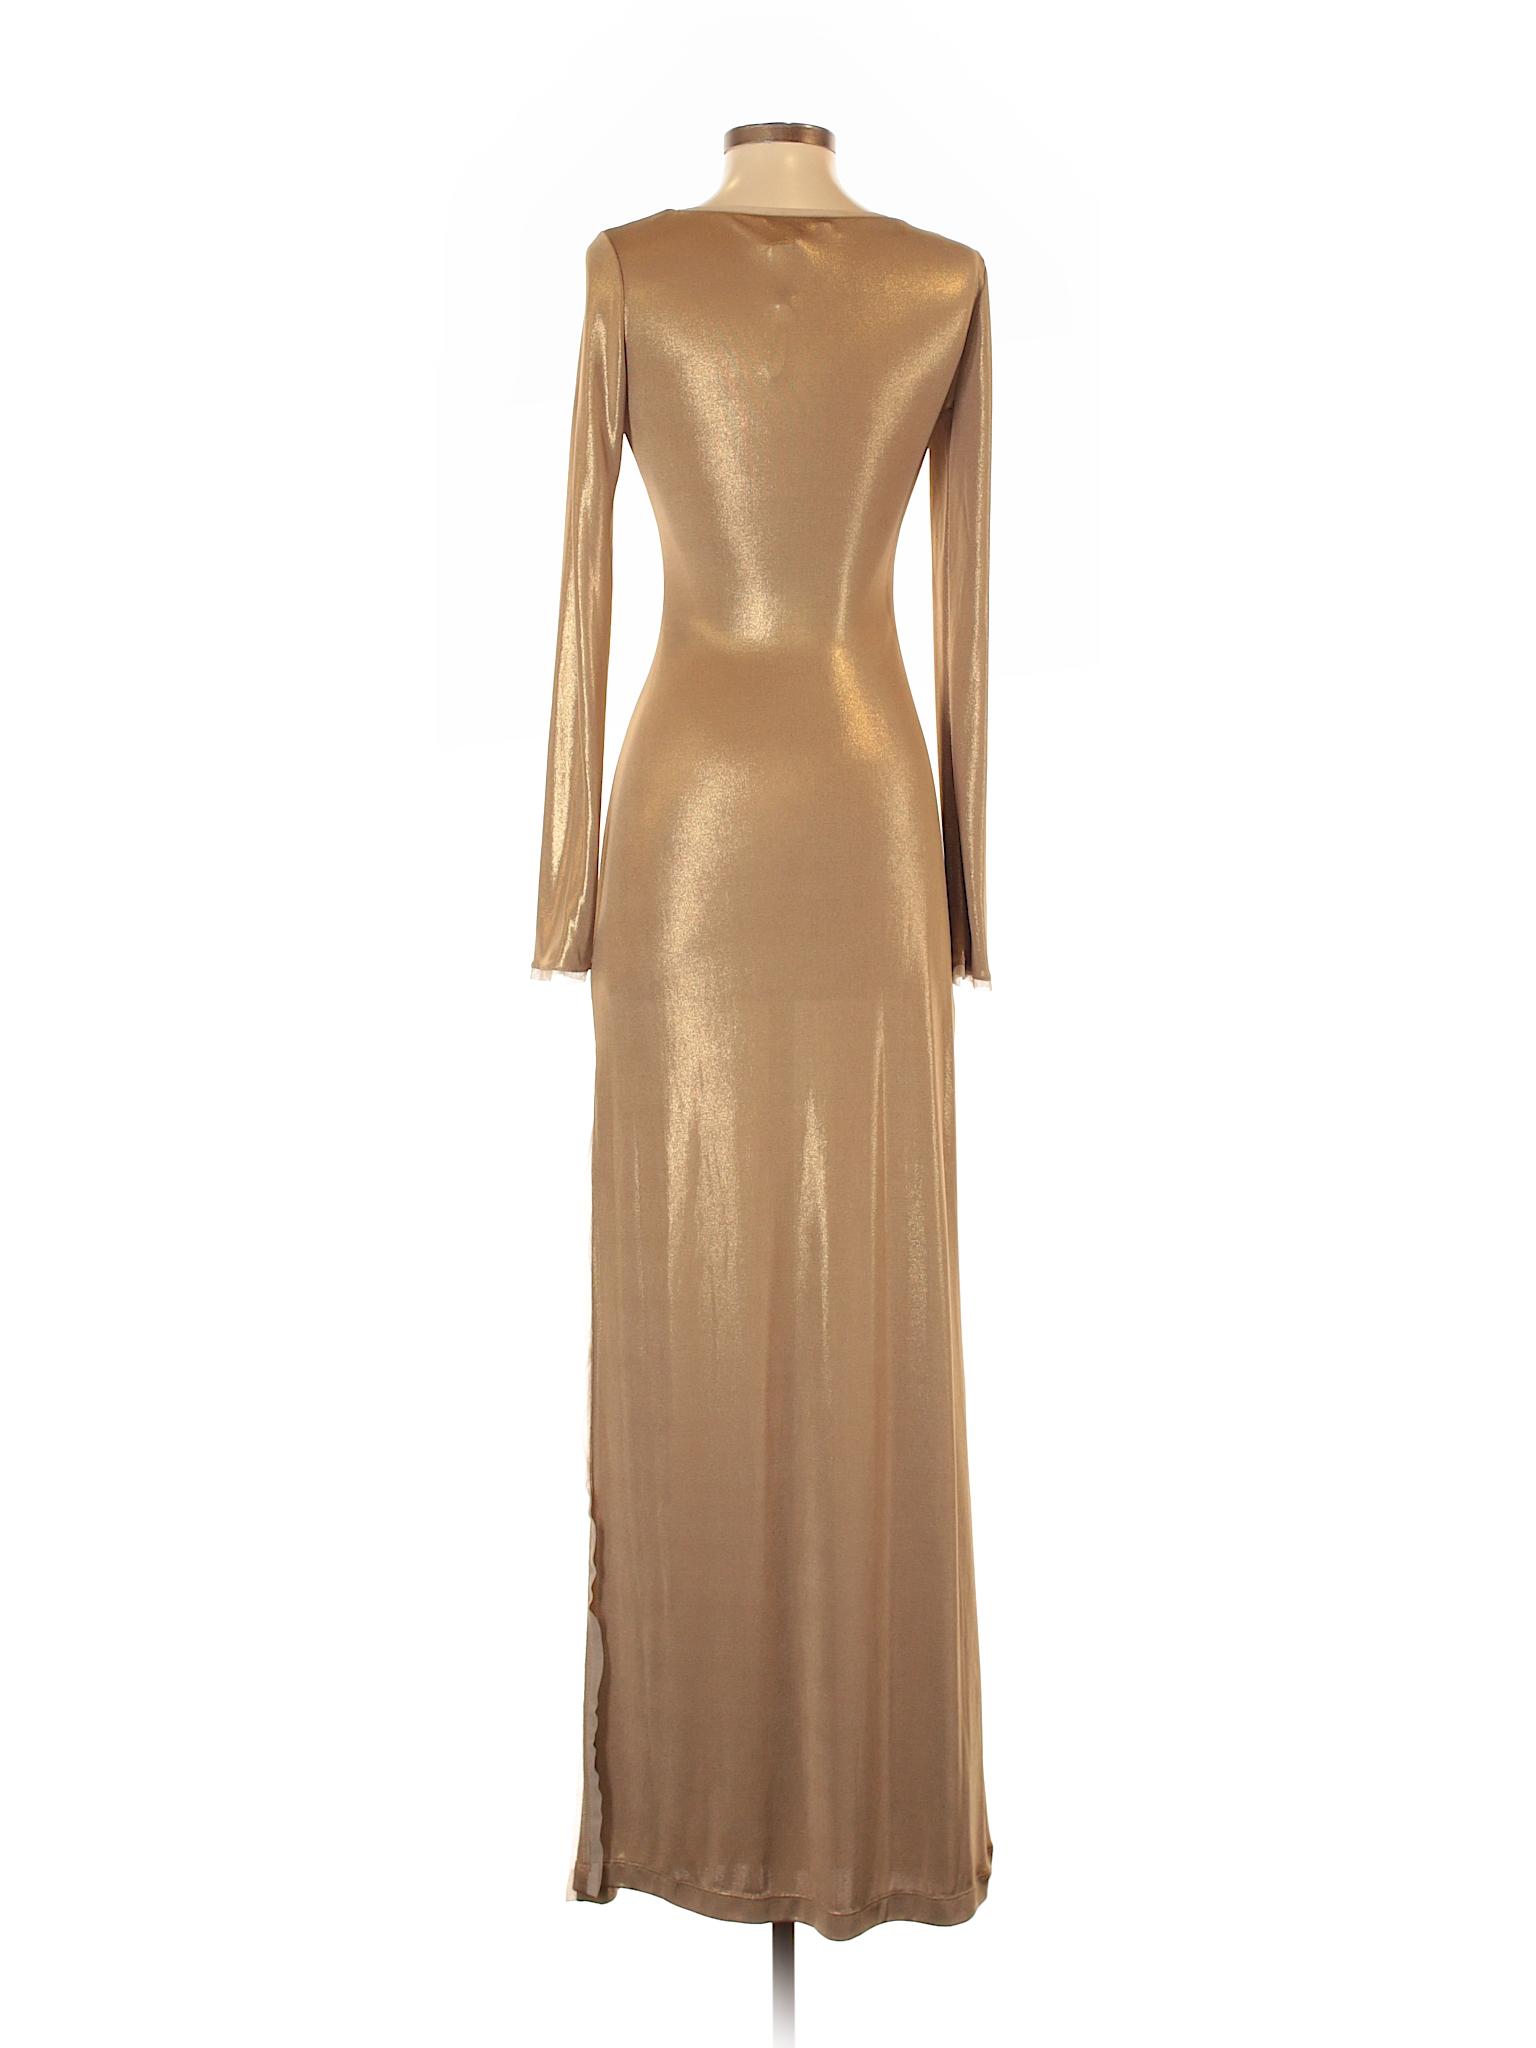 Casual Boutique winter Boutique winter Dress BCBGMAXAZRIA xO5wqI7qH